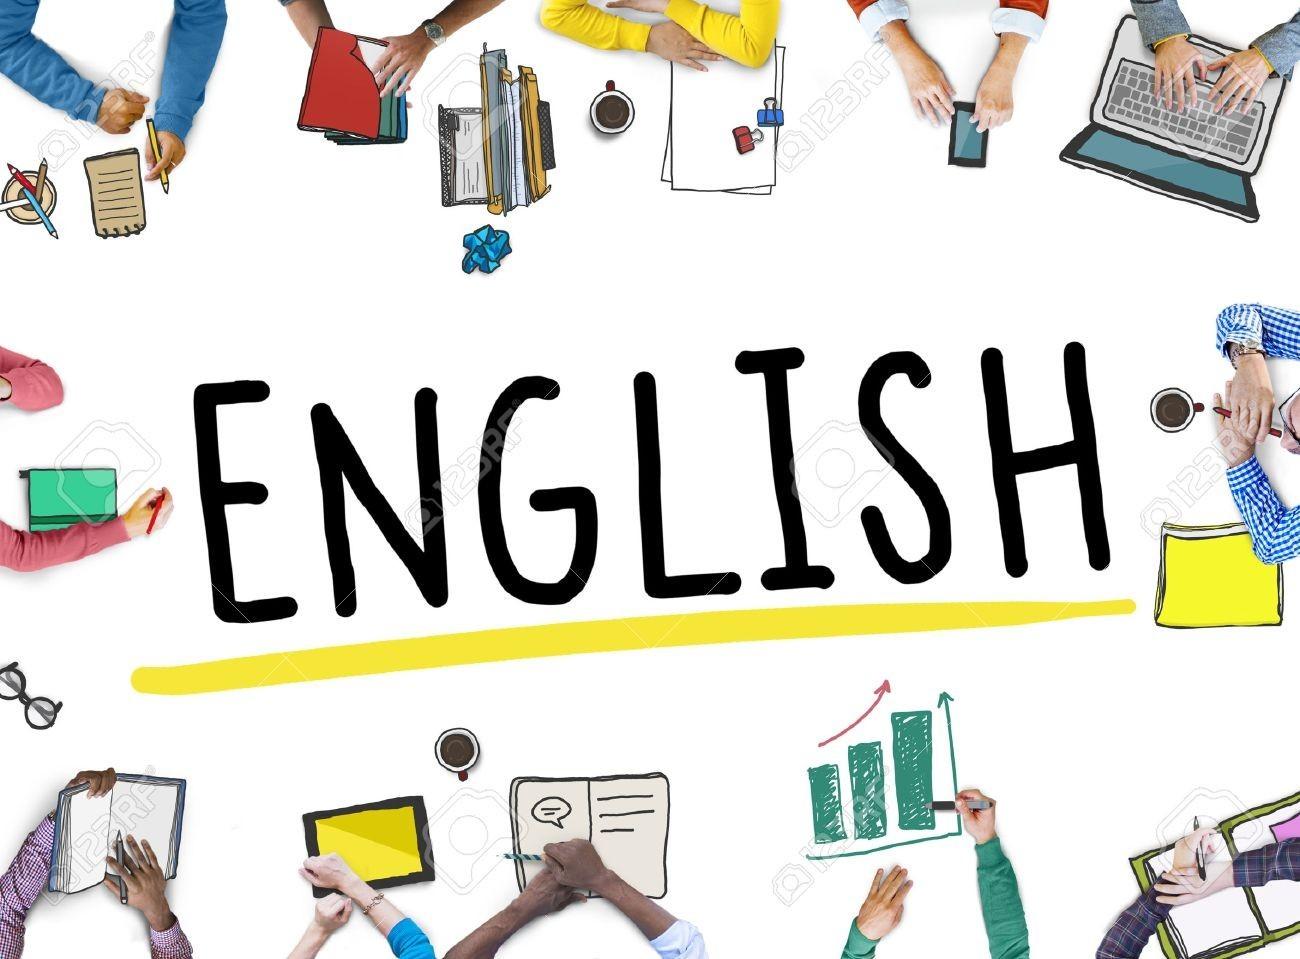 ไขความรู้นอกตำรา ทำไม ภาษาอังกฤษ ถึงไม่มี คำว่า กู-มึง ?